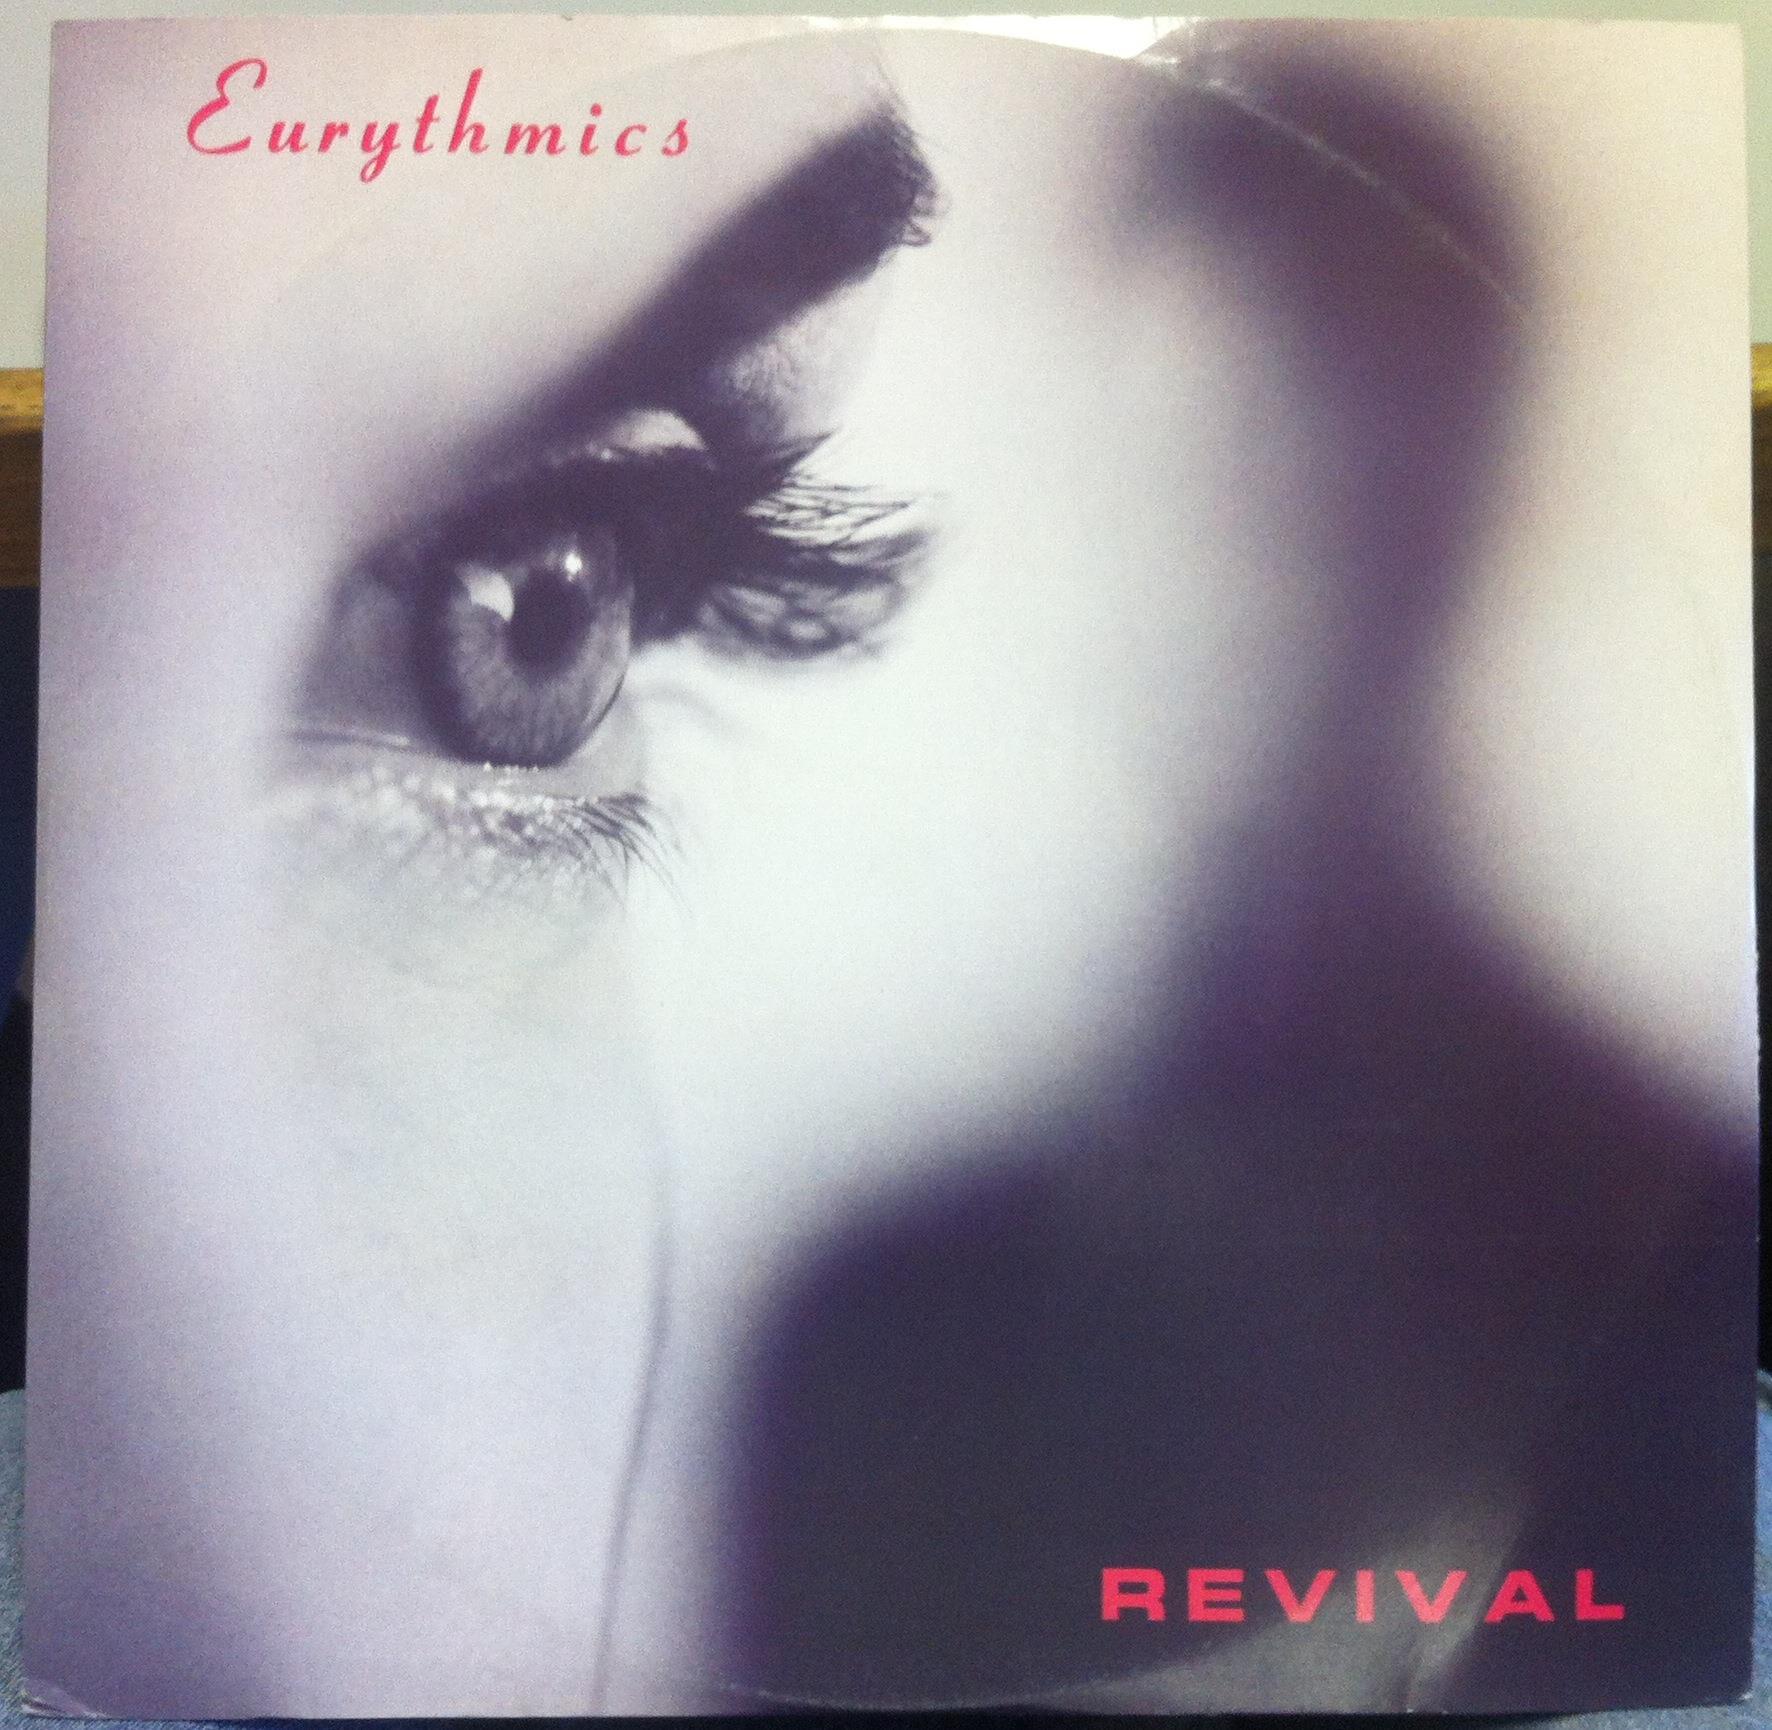 """EURYTHMICS - Eurythmics Revival (e.t. Mix 12"""" Mint- Dat 17 Uk 1989 Record) (revival (e.t. Mix))"""